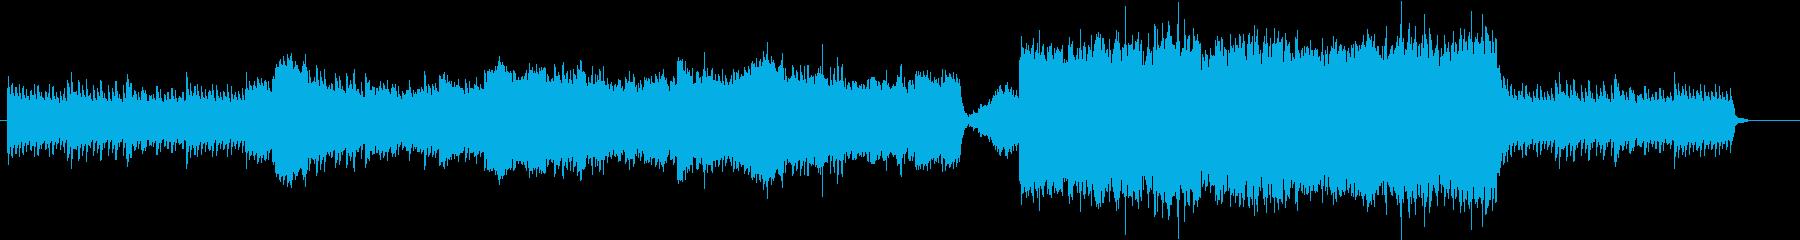 かっこいい回想シーンに使える曲の再生済みの波形